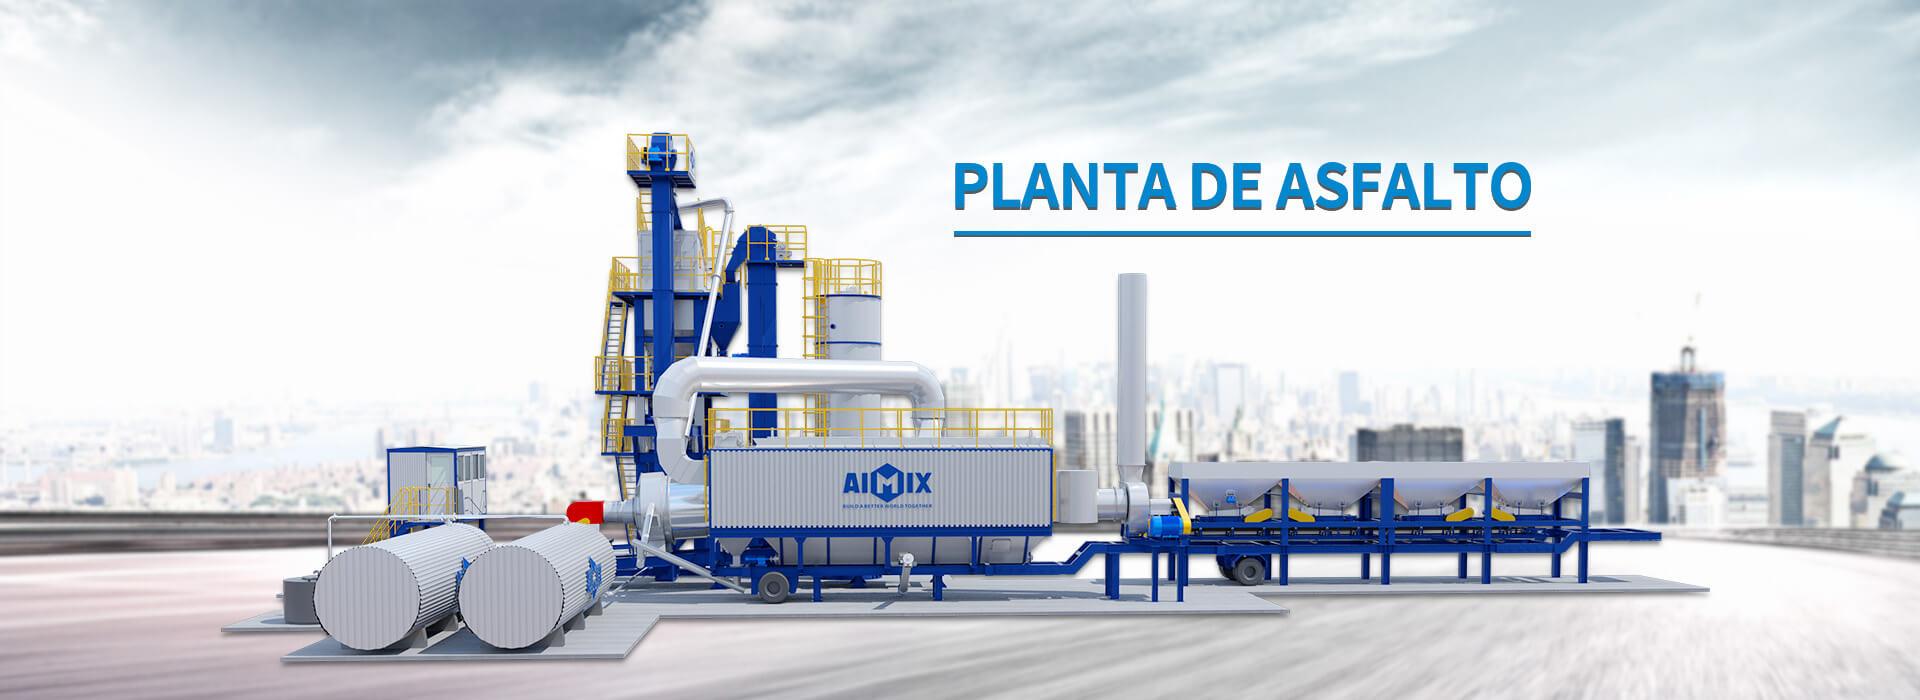 AIMIX Planta De Asfalto Con Mejor Calidad